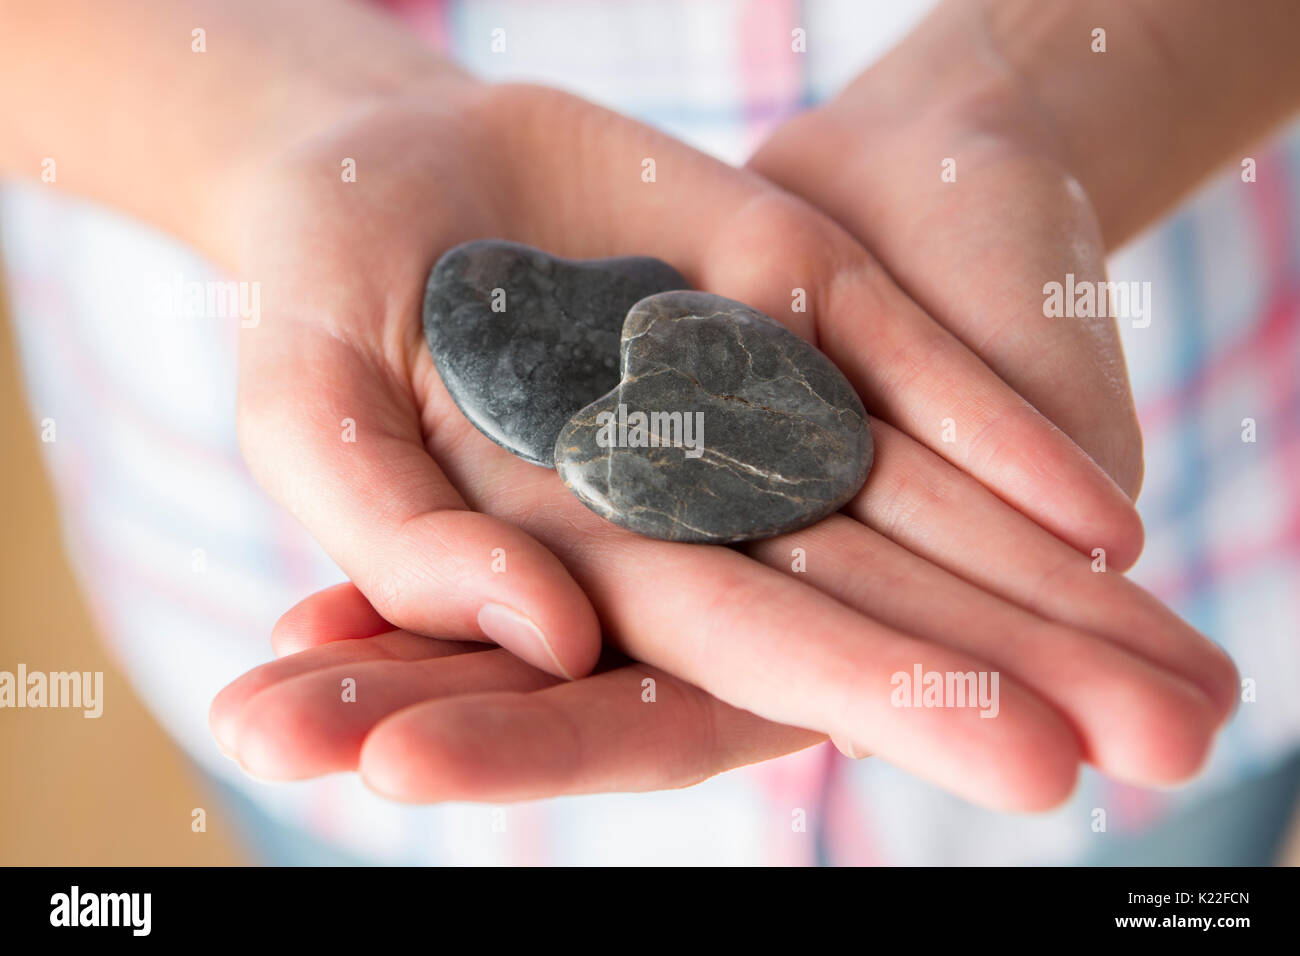 Stretta di mano che regge due cuore pietre sagomate Immagini Stock